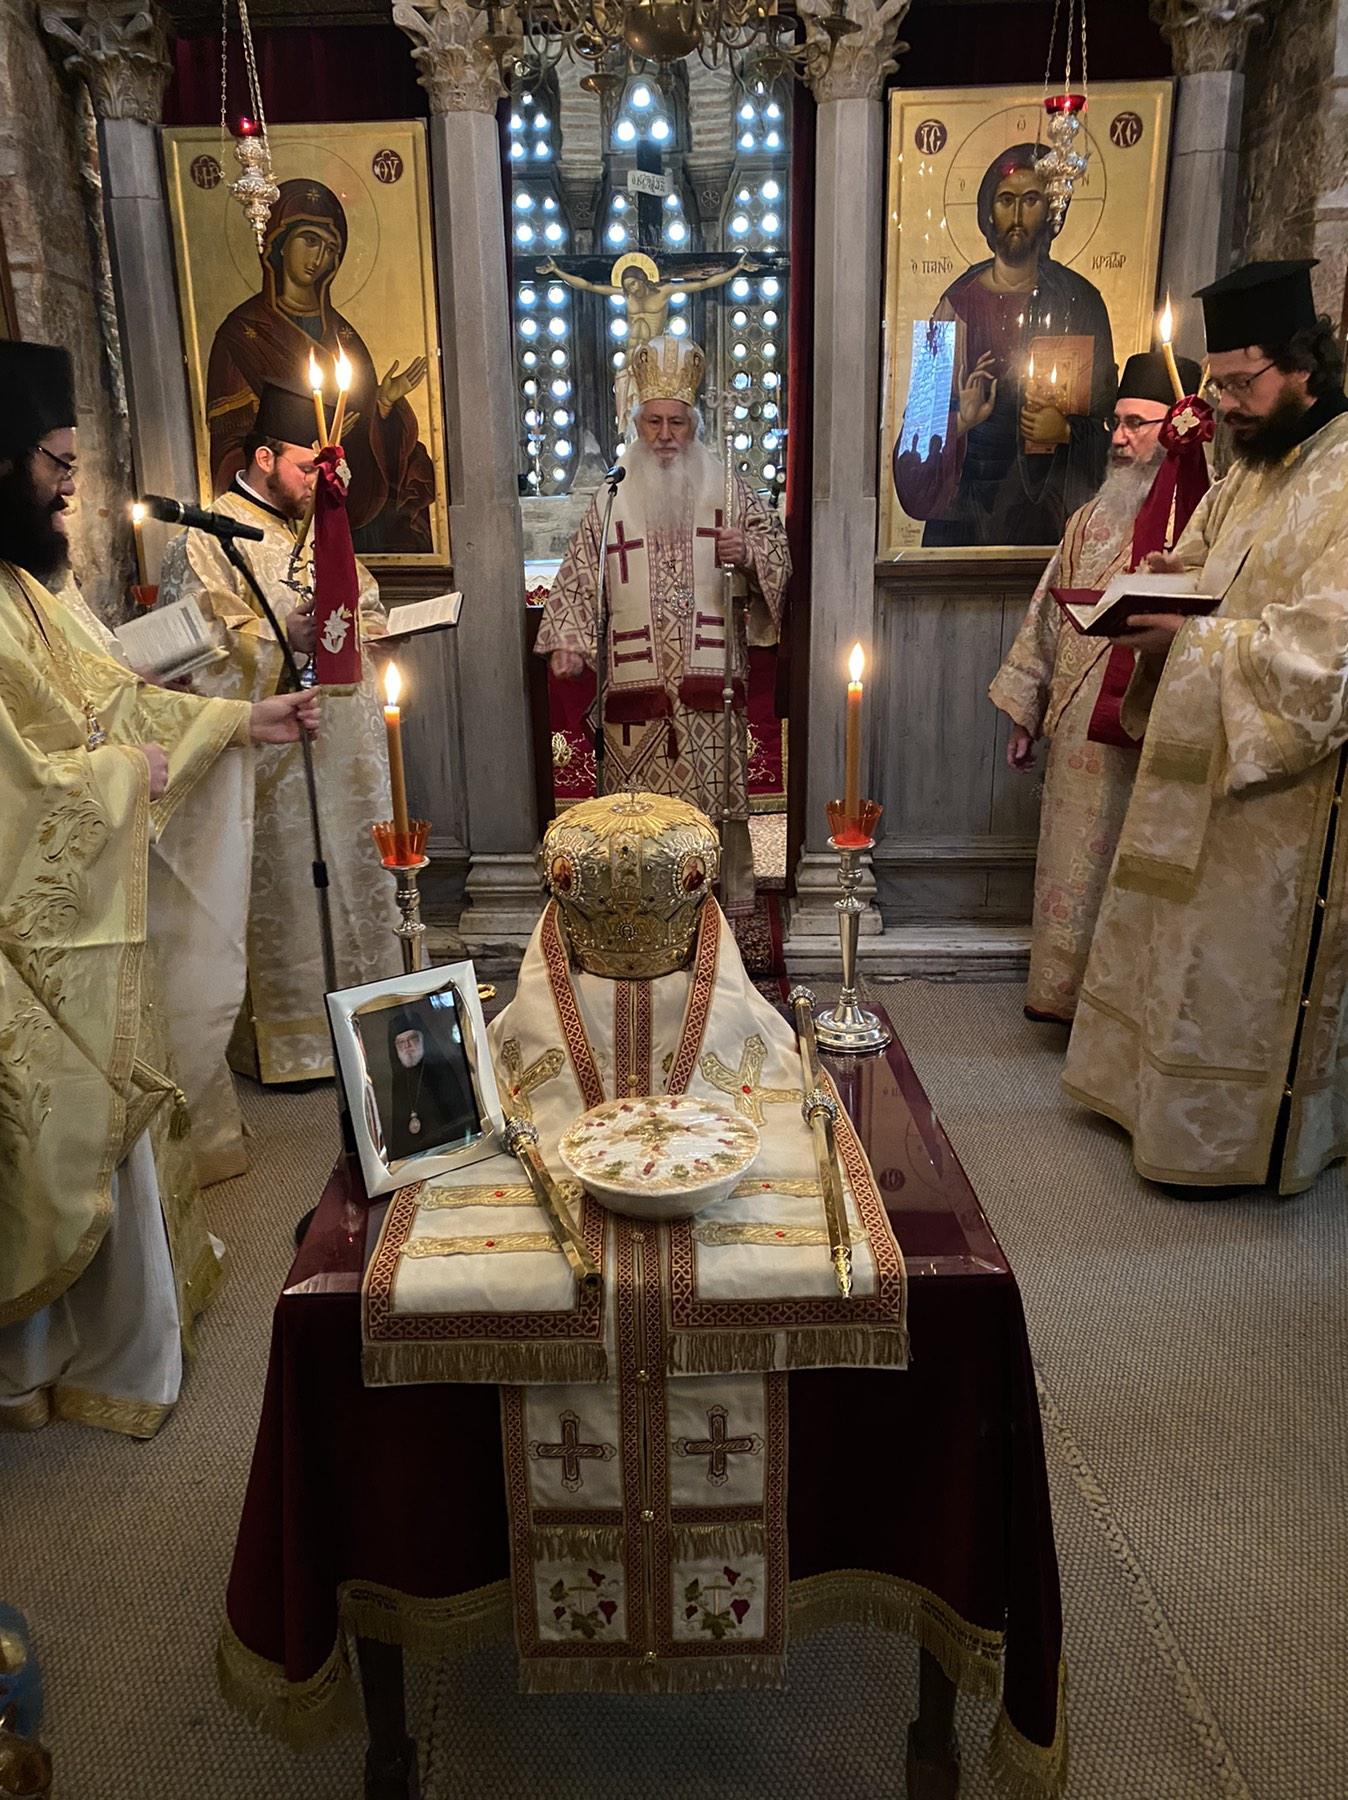 Χειροτονία Διακόνου και ετήσιο Μνημόσυνο μακαριστού Επισκόπου Ανδίδων κυρού Χριστοφόρου(ΦΩΤΟ)